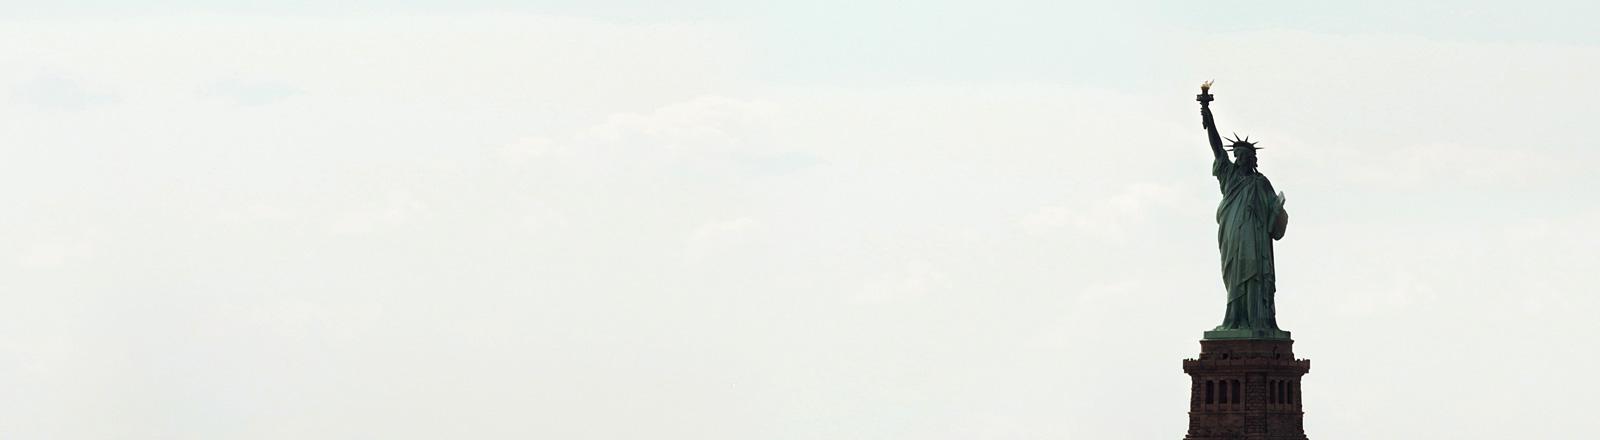 Die Freiheitsstatue vor blauem Himmel